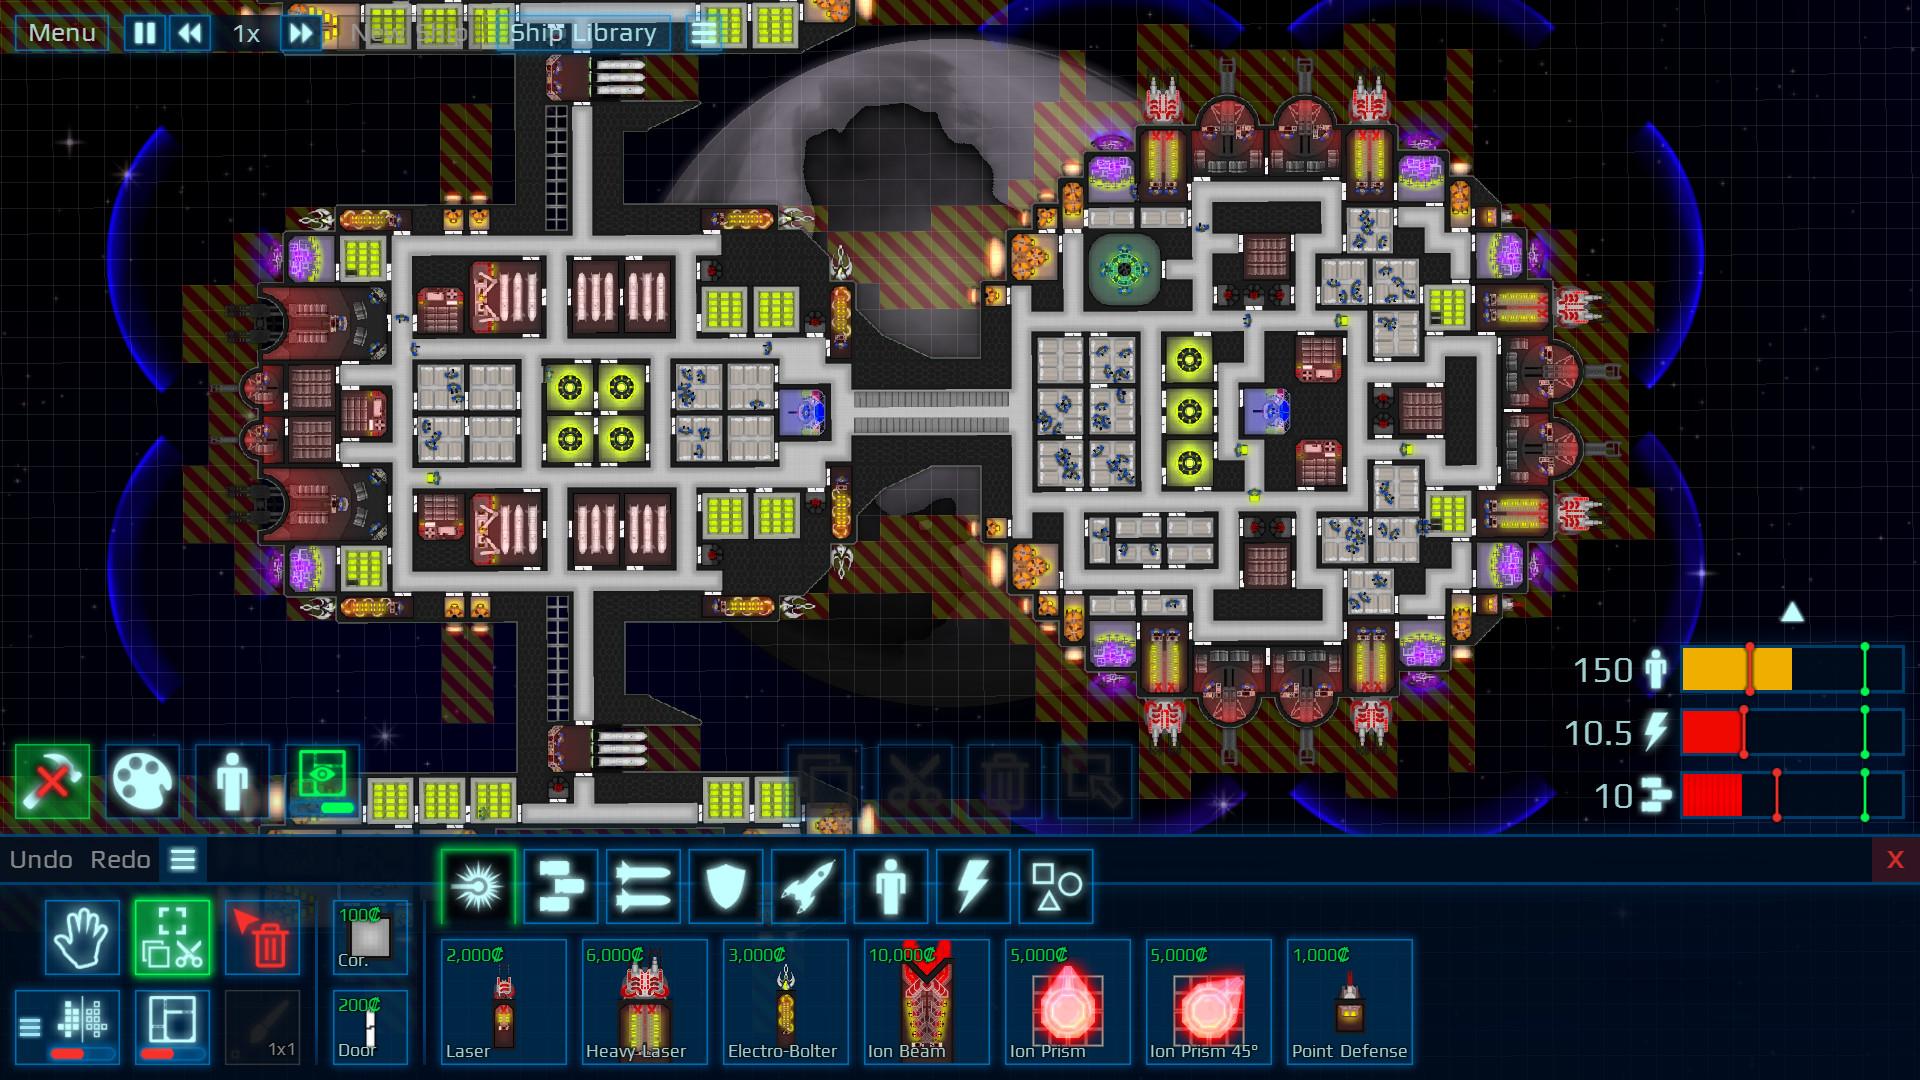 宇宙航行者:星际飞船建筑师兼指挥官图片